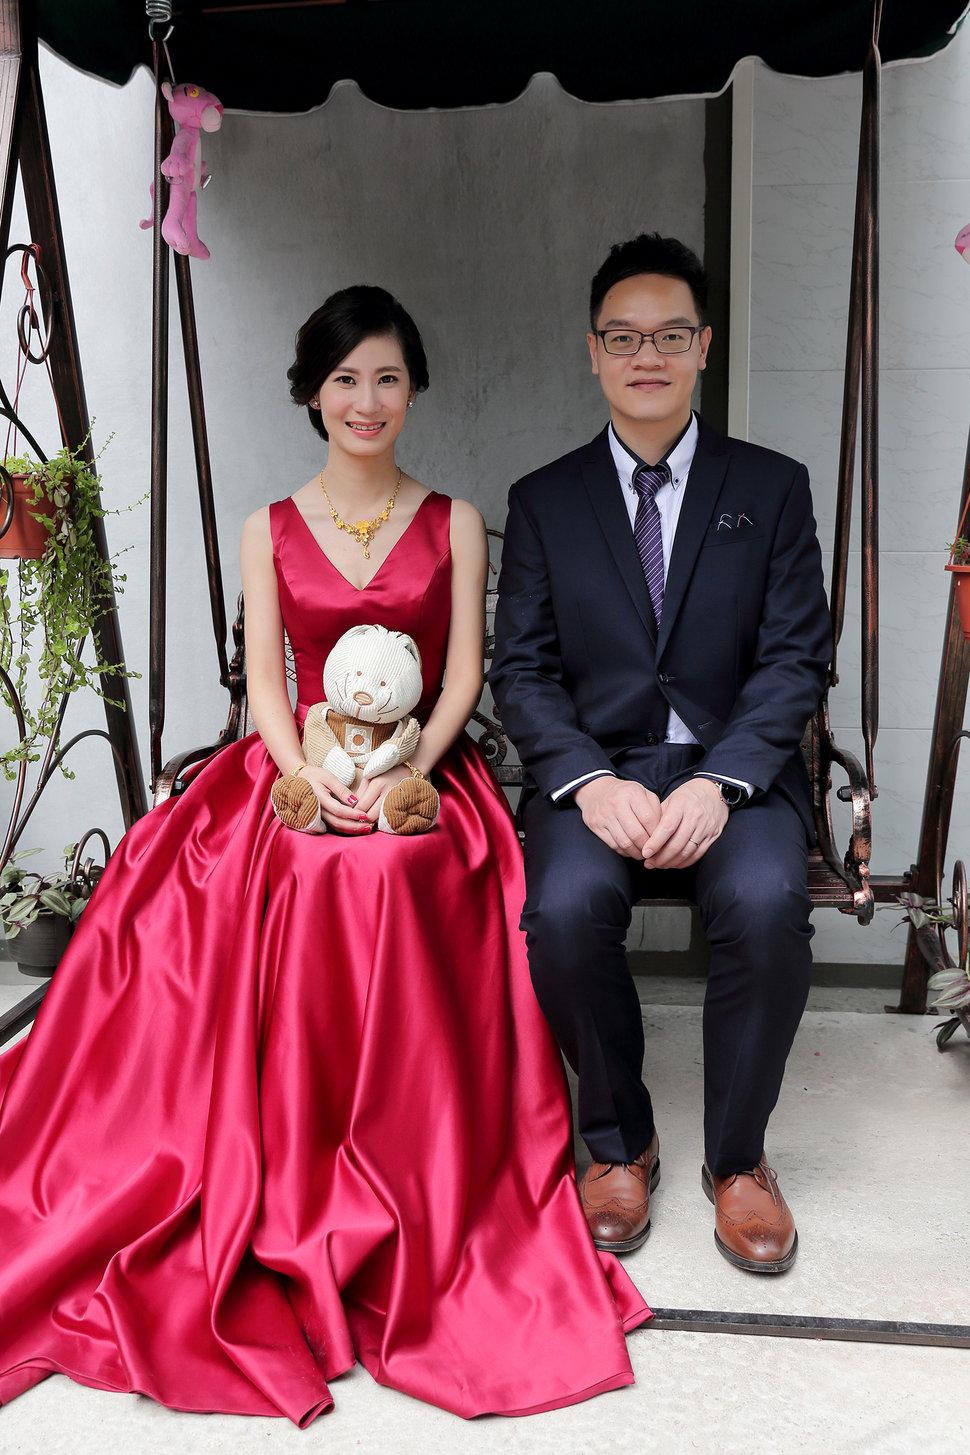 058A1219 - 倪秉影像 婚禮紀實攝影 - 結婚吧